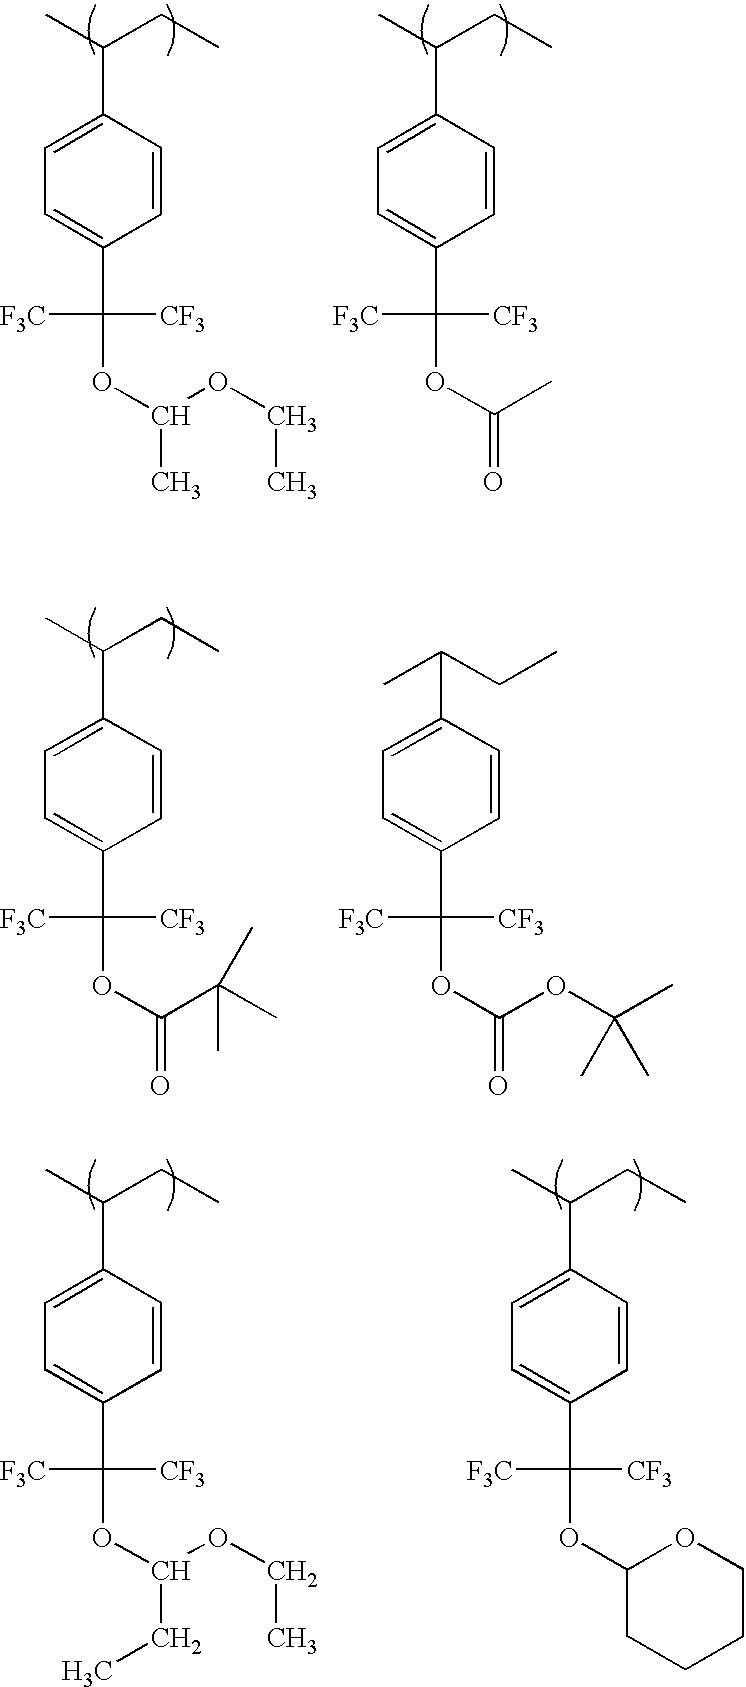 Figure US06864037-20050308-C00028